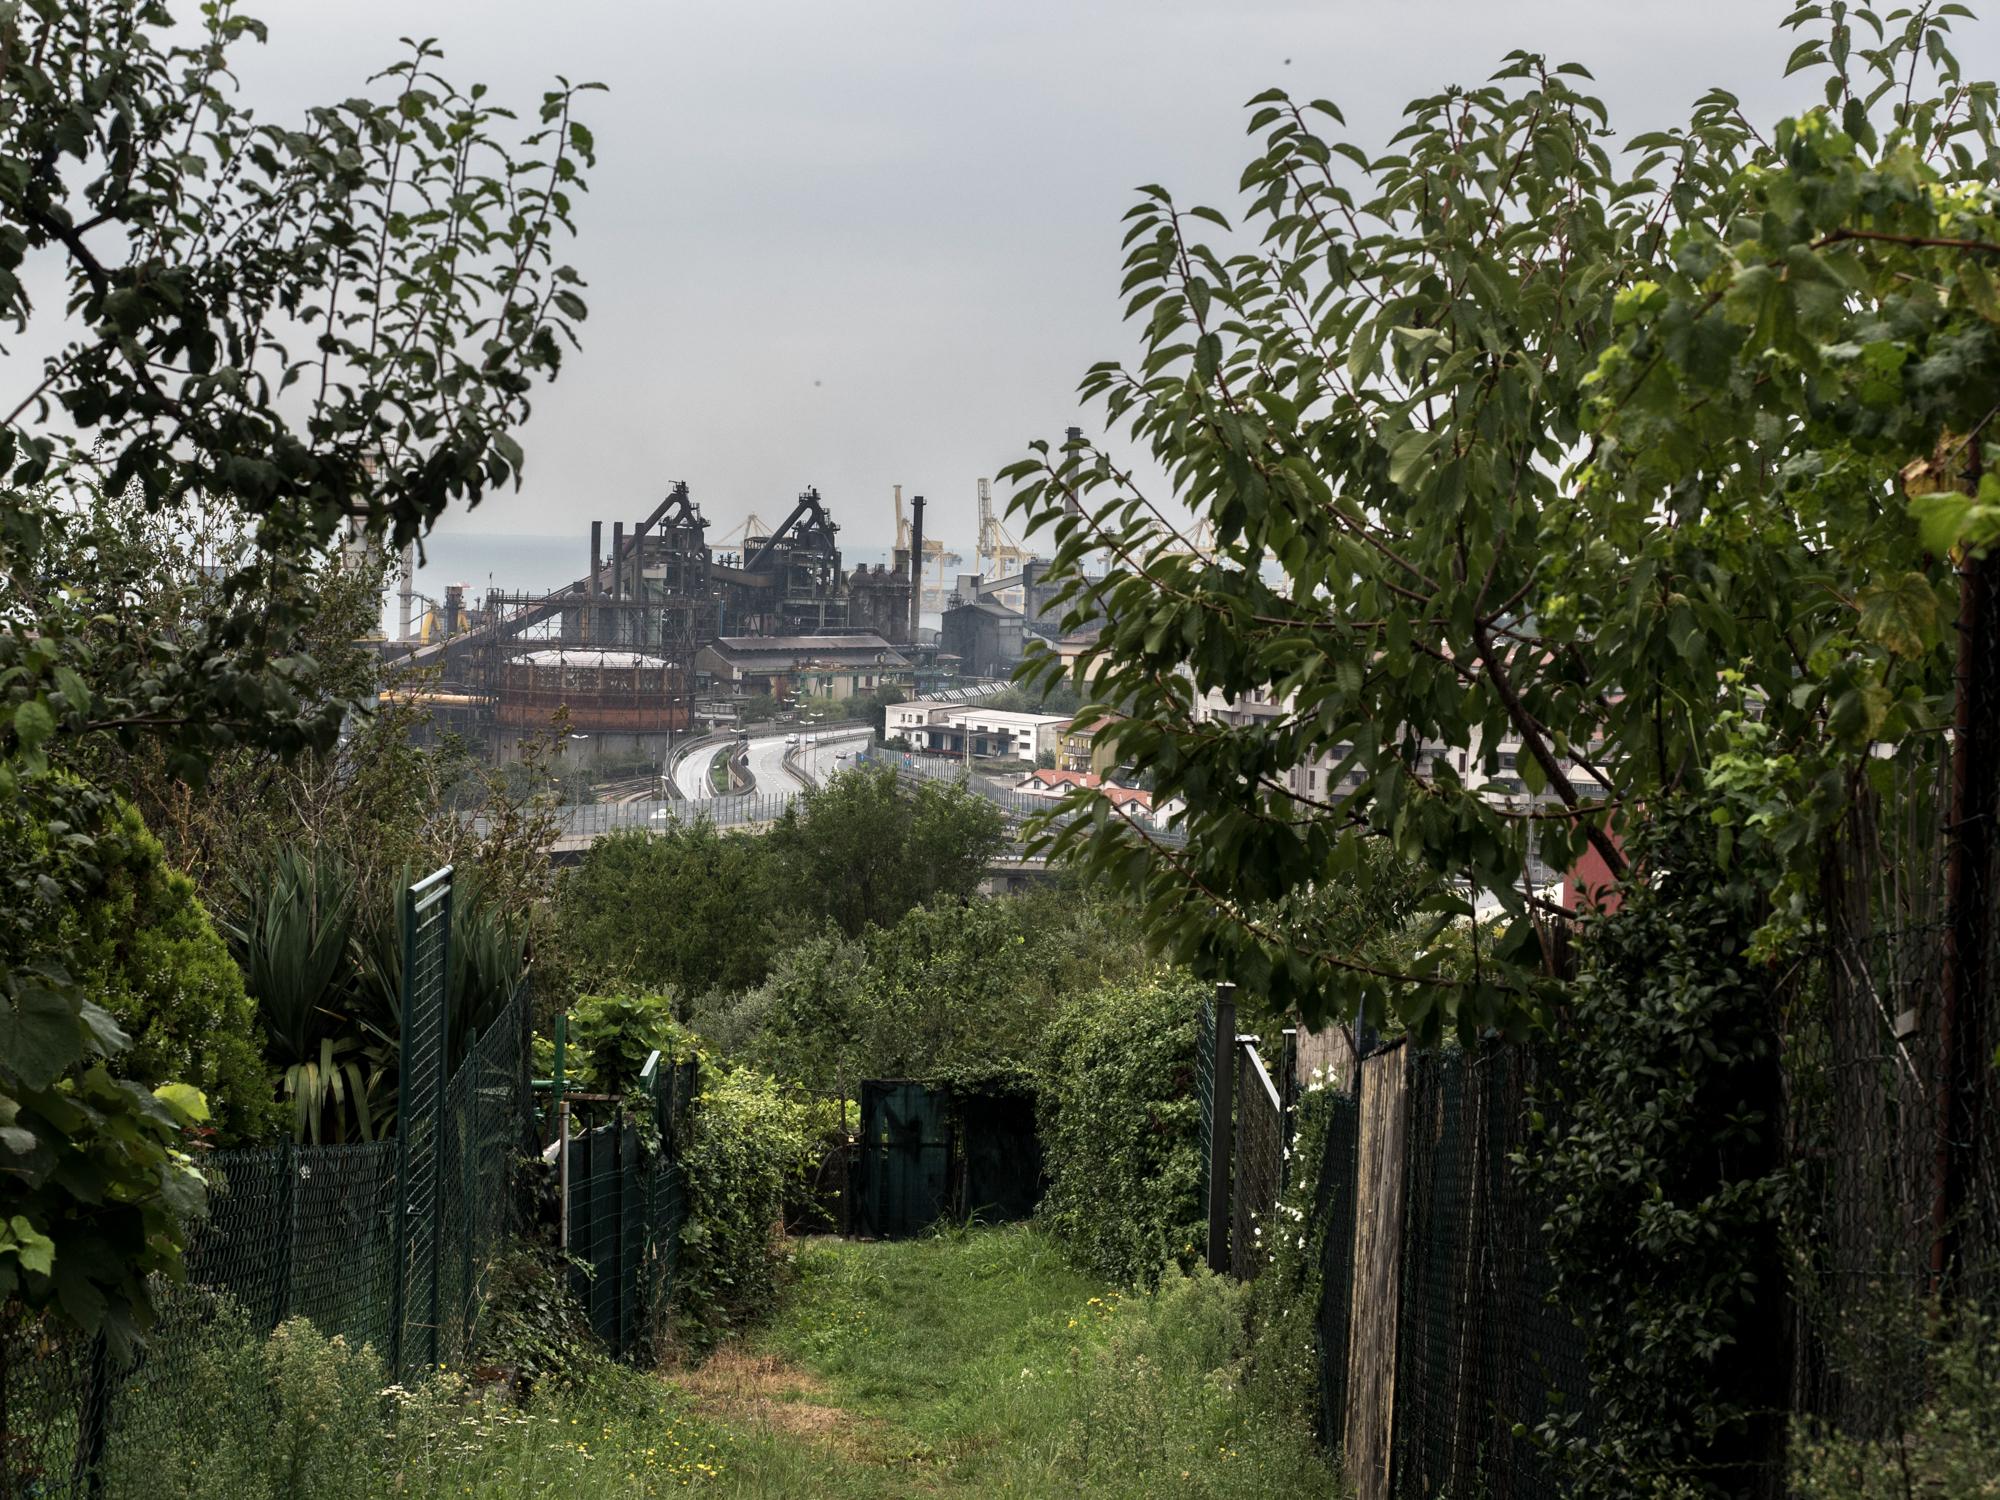 Veduta della Ferriera di Servola a Trieste, 2015. Costruita nel 1896, è un complesso industriale specializzato nella produzione di ghisa. Si estende per 560.000 metri quadri, in cui sorgono la cokeria, l'impianto di agglomerazione, due altiforni e la macchina a colare.